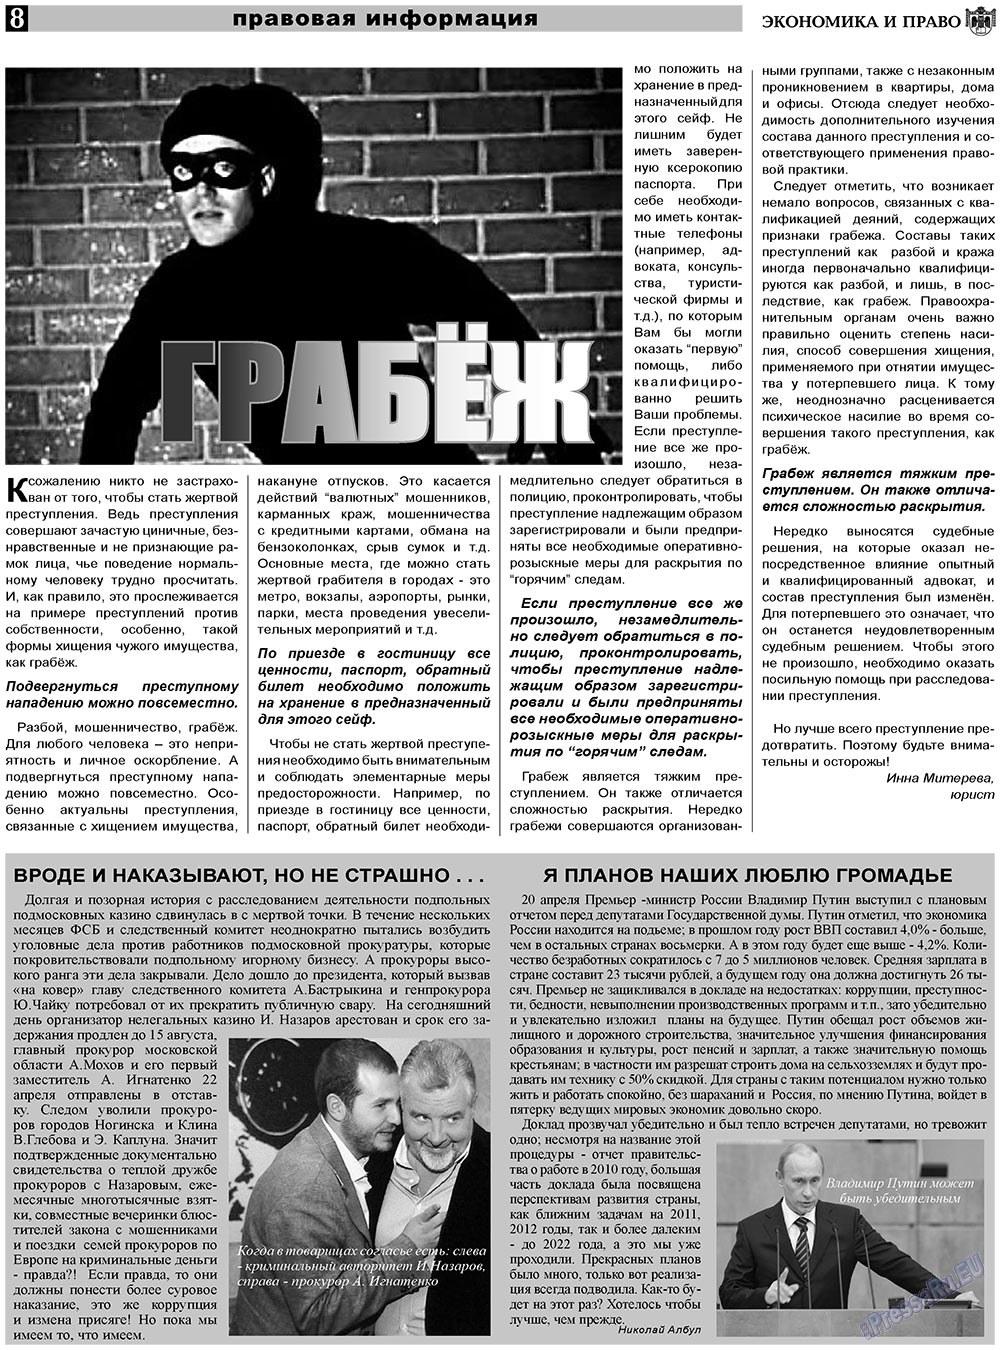 Экономика и право (газета). 2011 год, номер 5, стр. 8